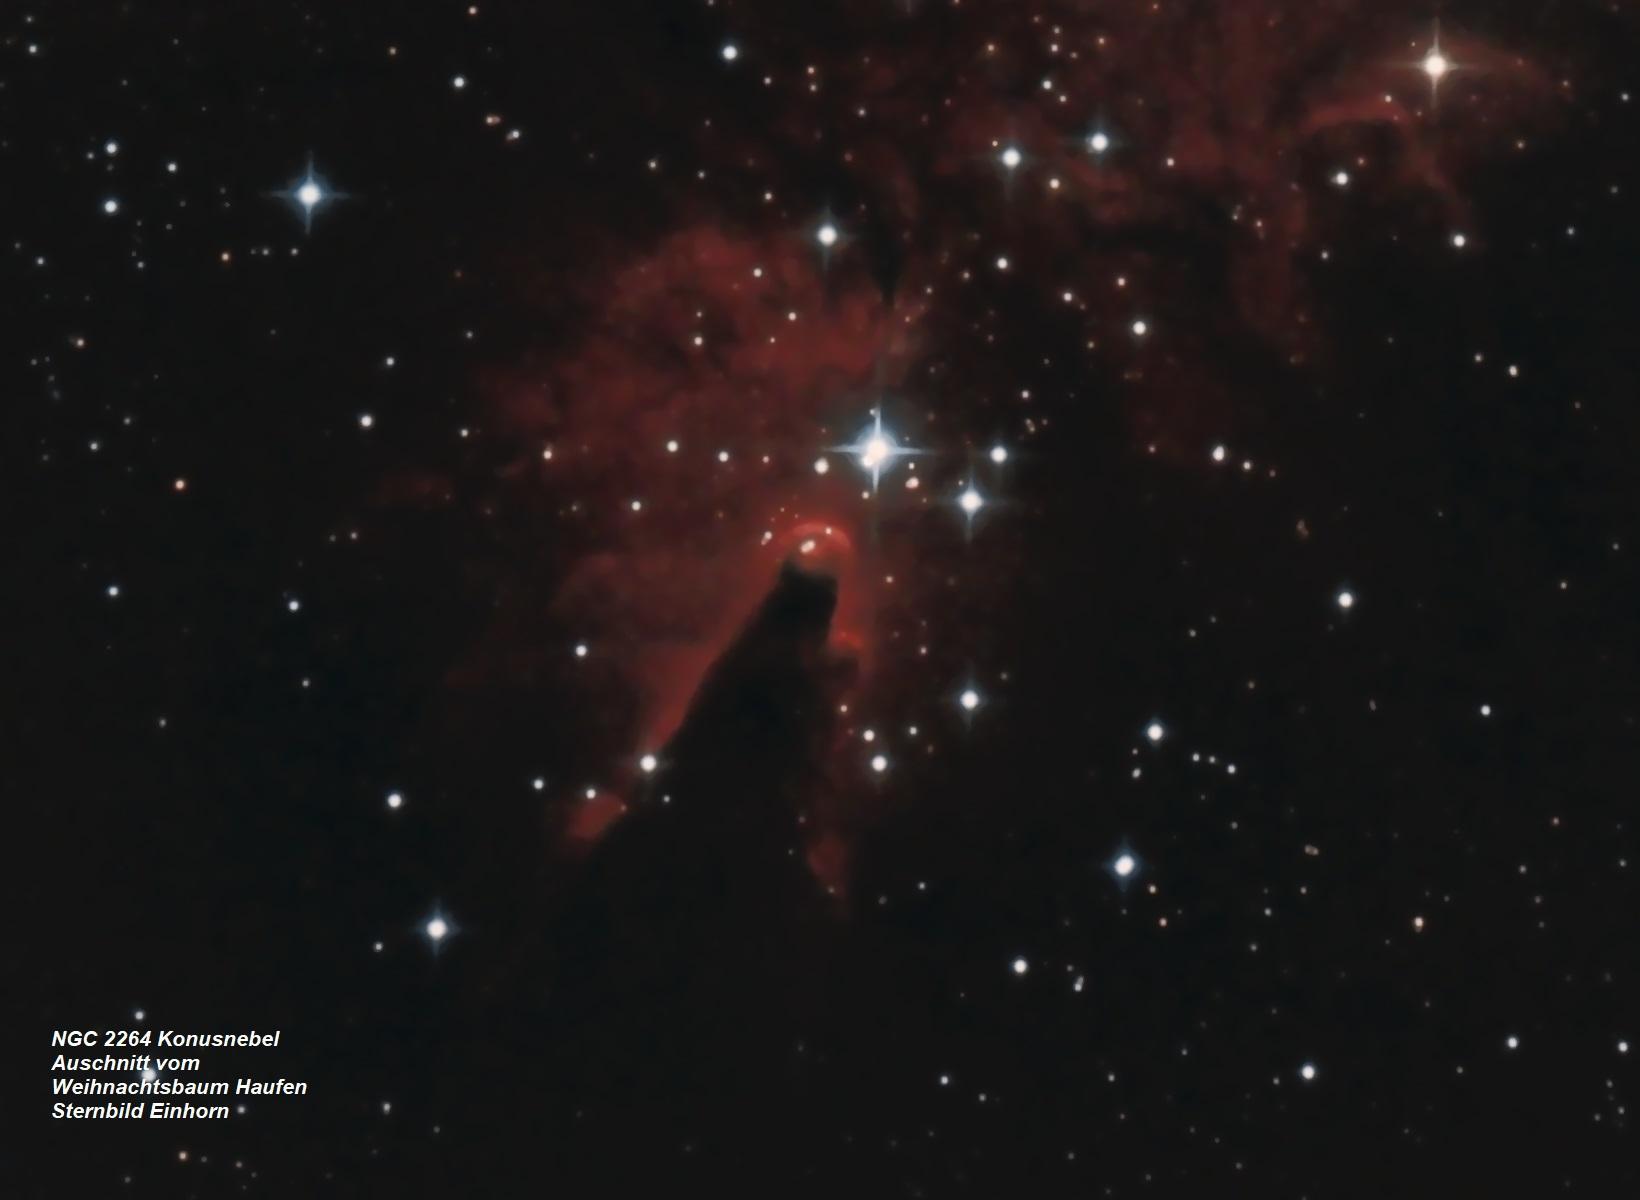 NGC 2264 Konusnebel